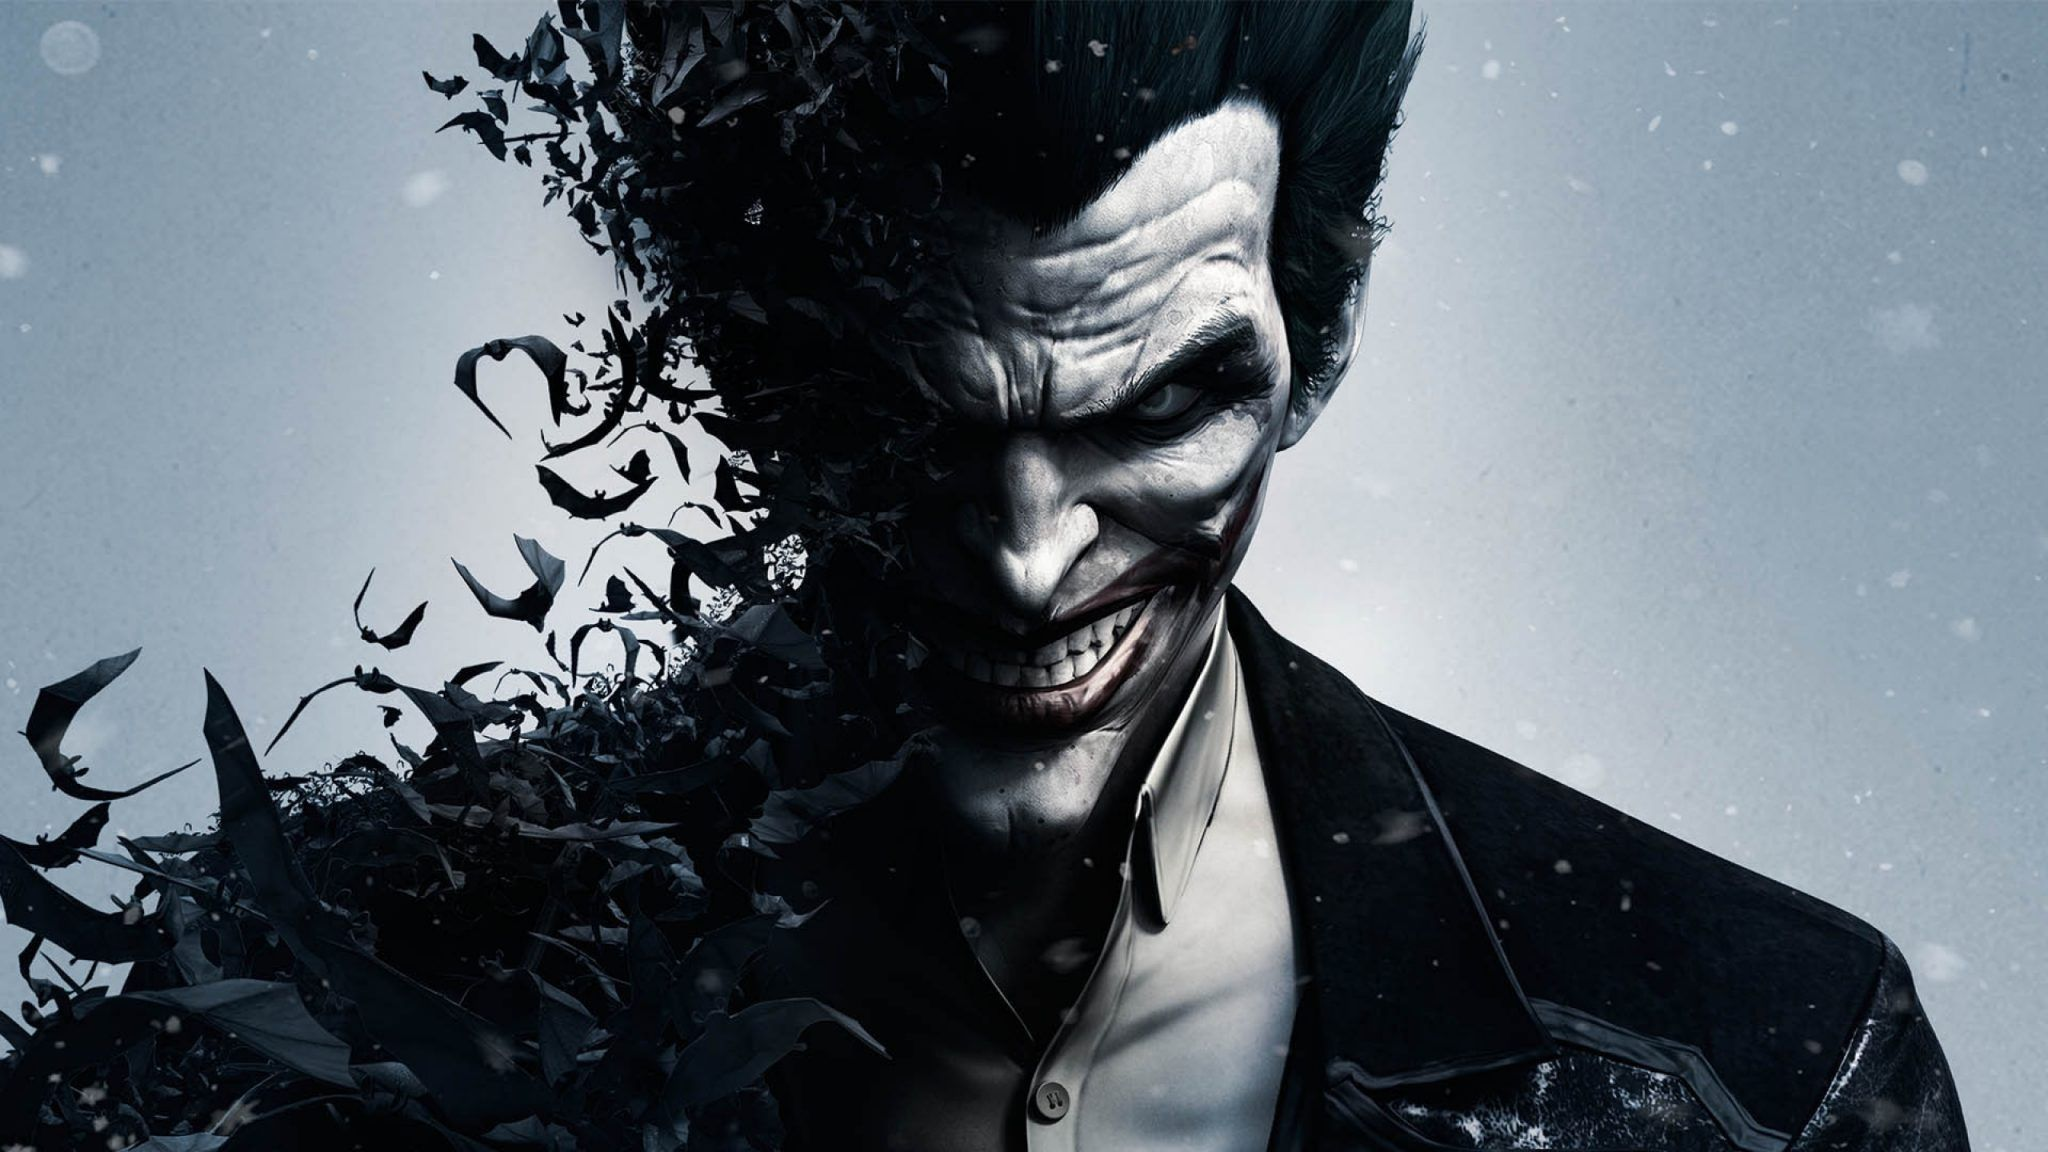 Hình nền màn hình máy tính Joker Hoàng tử tội ác